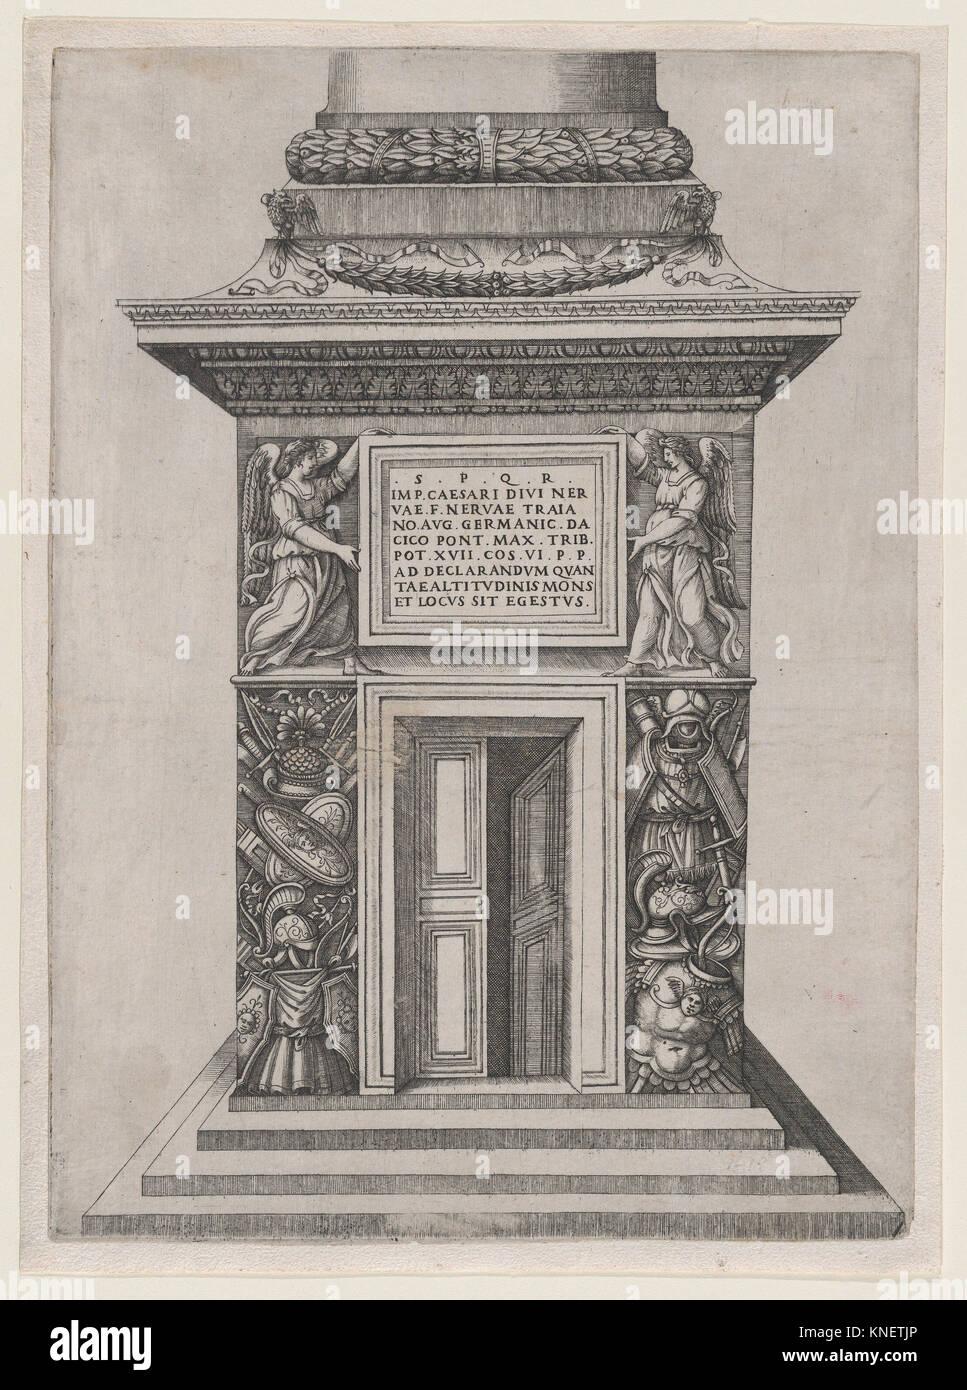 Speculum Romanae Magnificentiae: The Pediment Base of Trajan's Column. Series/Portfolio: Speculum Romanae Magnificentiae; - Stock Image